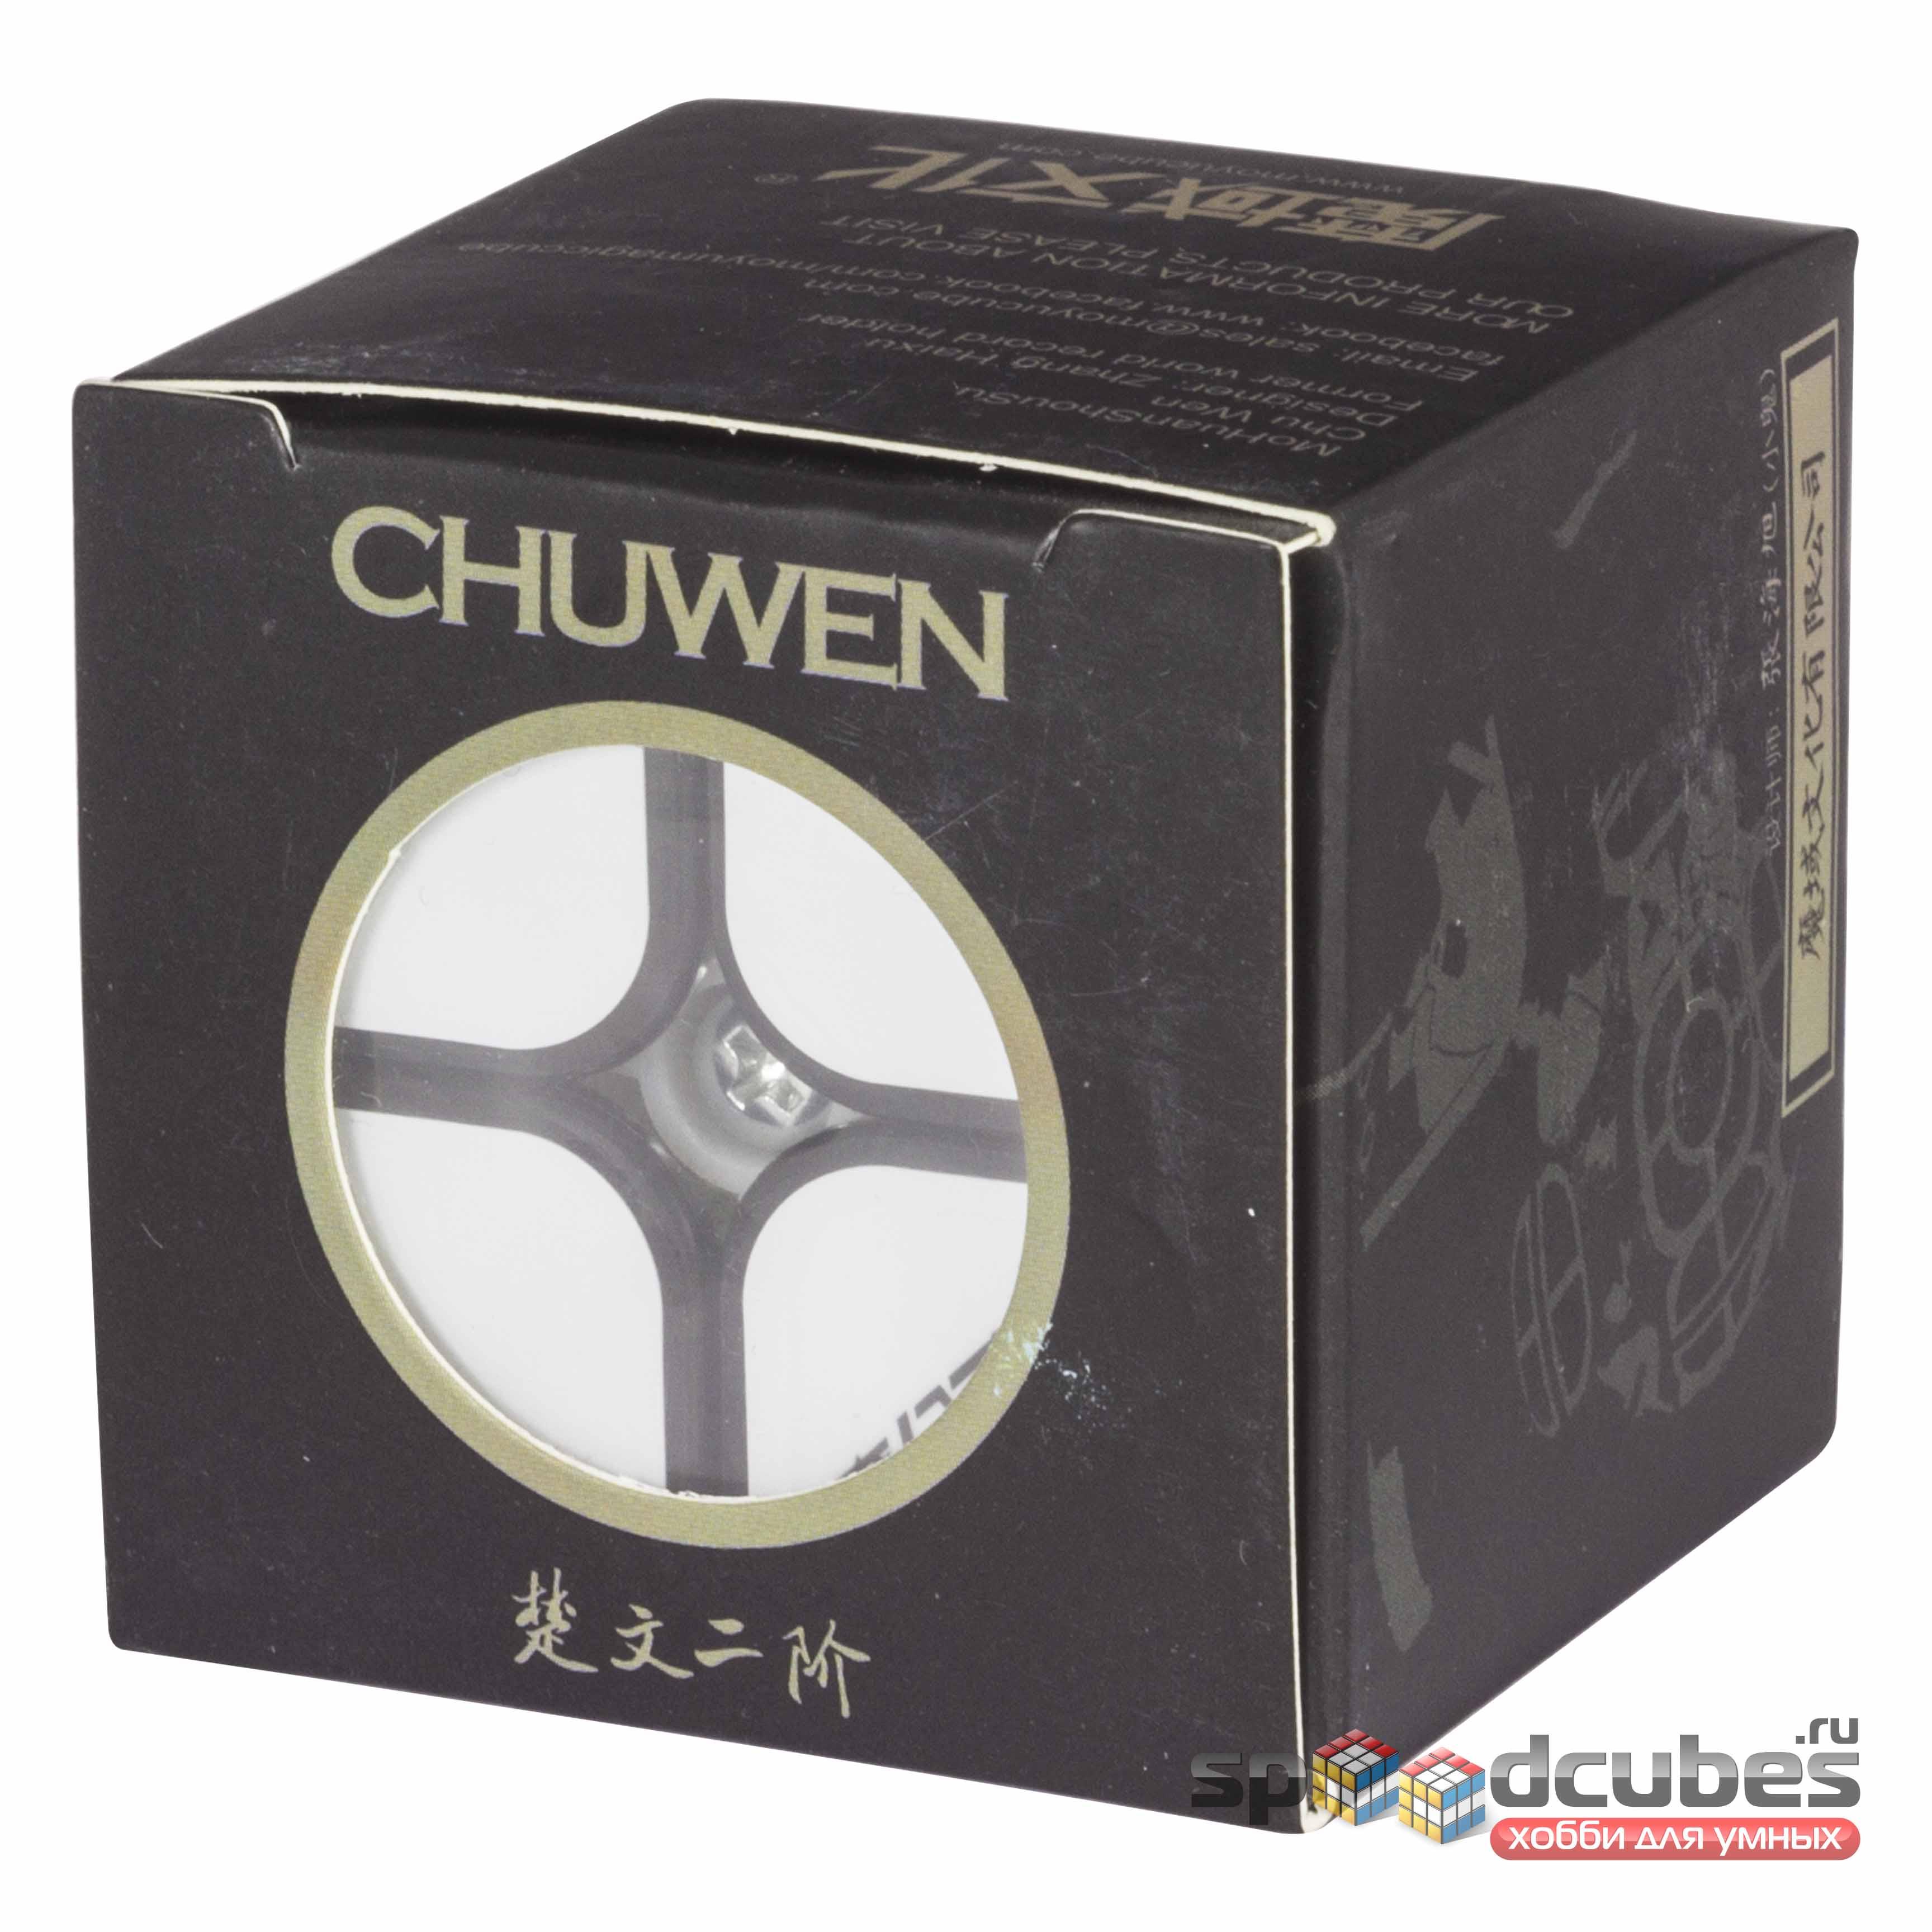 MoYu 2x2x2 MoHuanShouSu Chuwen 1